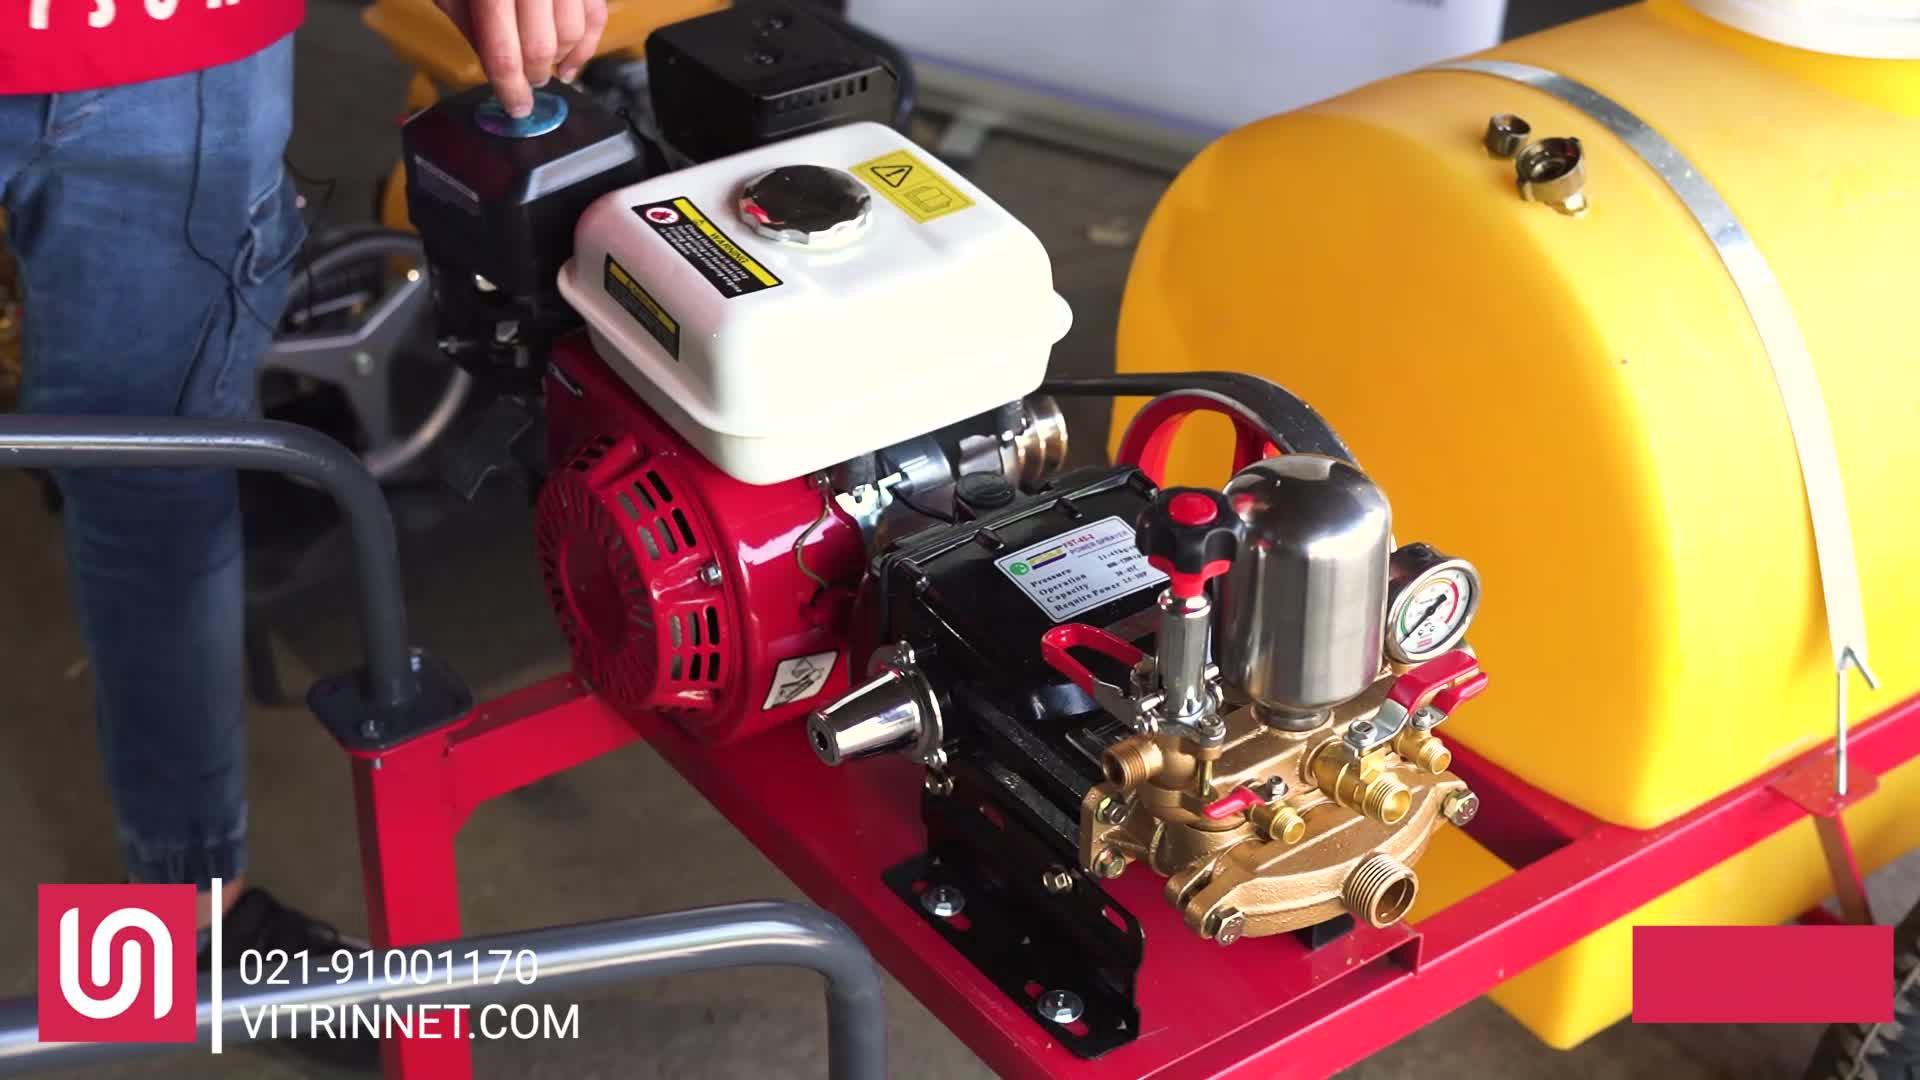 سمپاش زنبه ای با موتور هوندا چین و پمپ پیستونی 45 مدل 16694